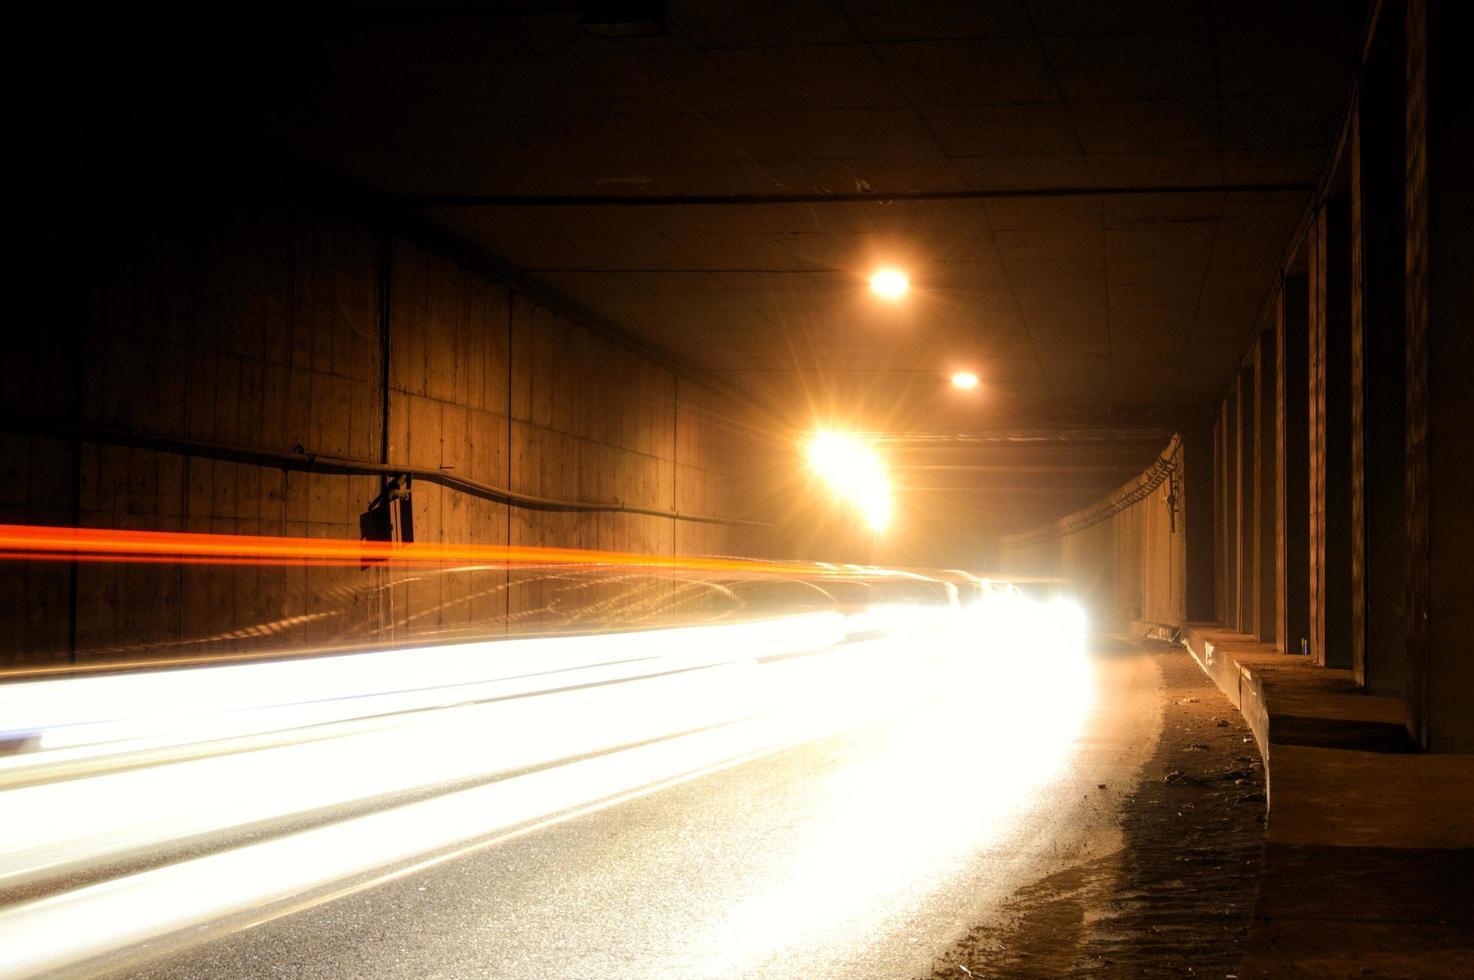 een donkere tunnel met lichte sporen foto